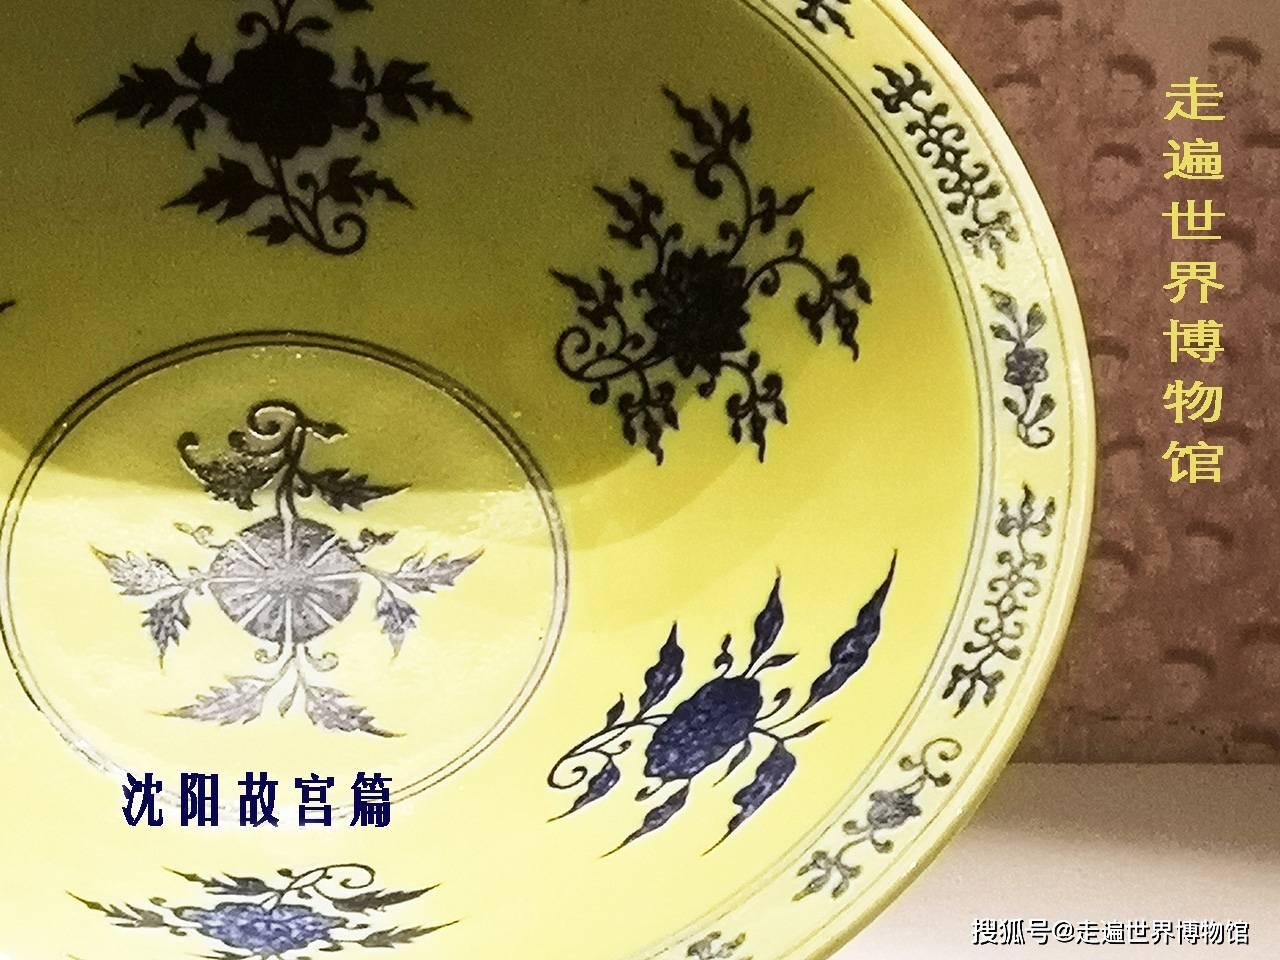 极为少见的清代皇宫冰箱与空调,沈阳故宫博物院典藏珍宝